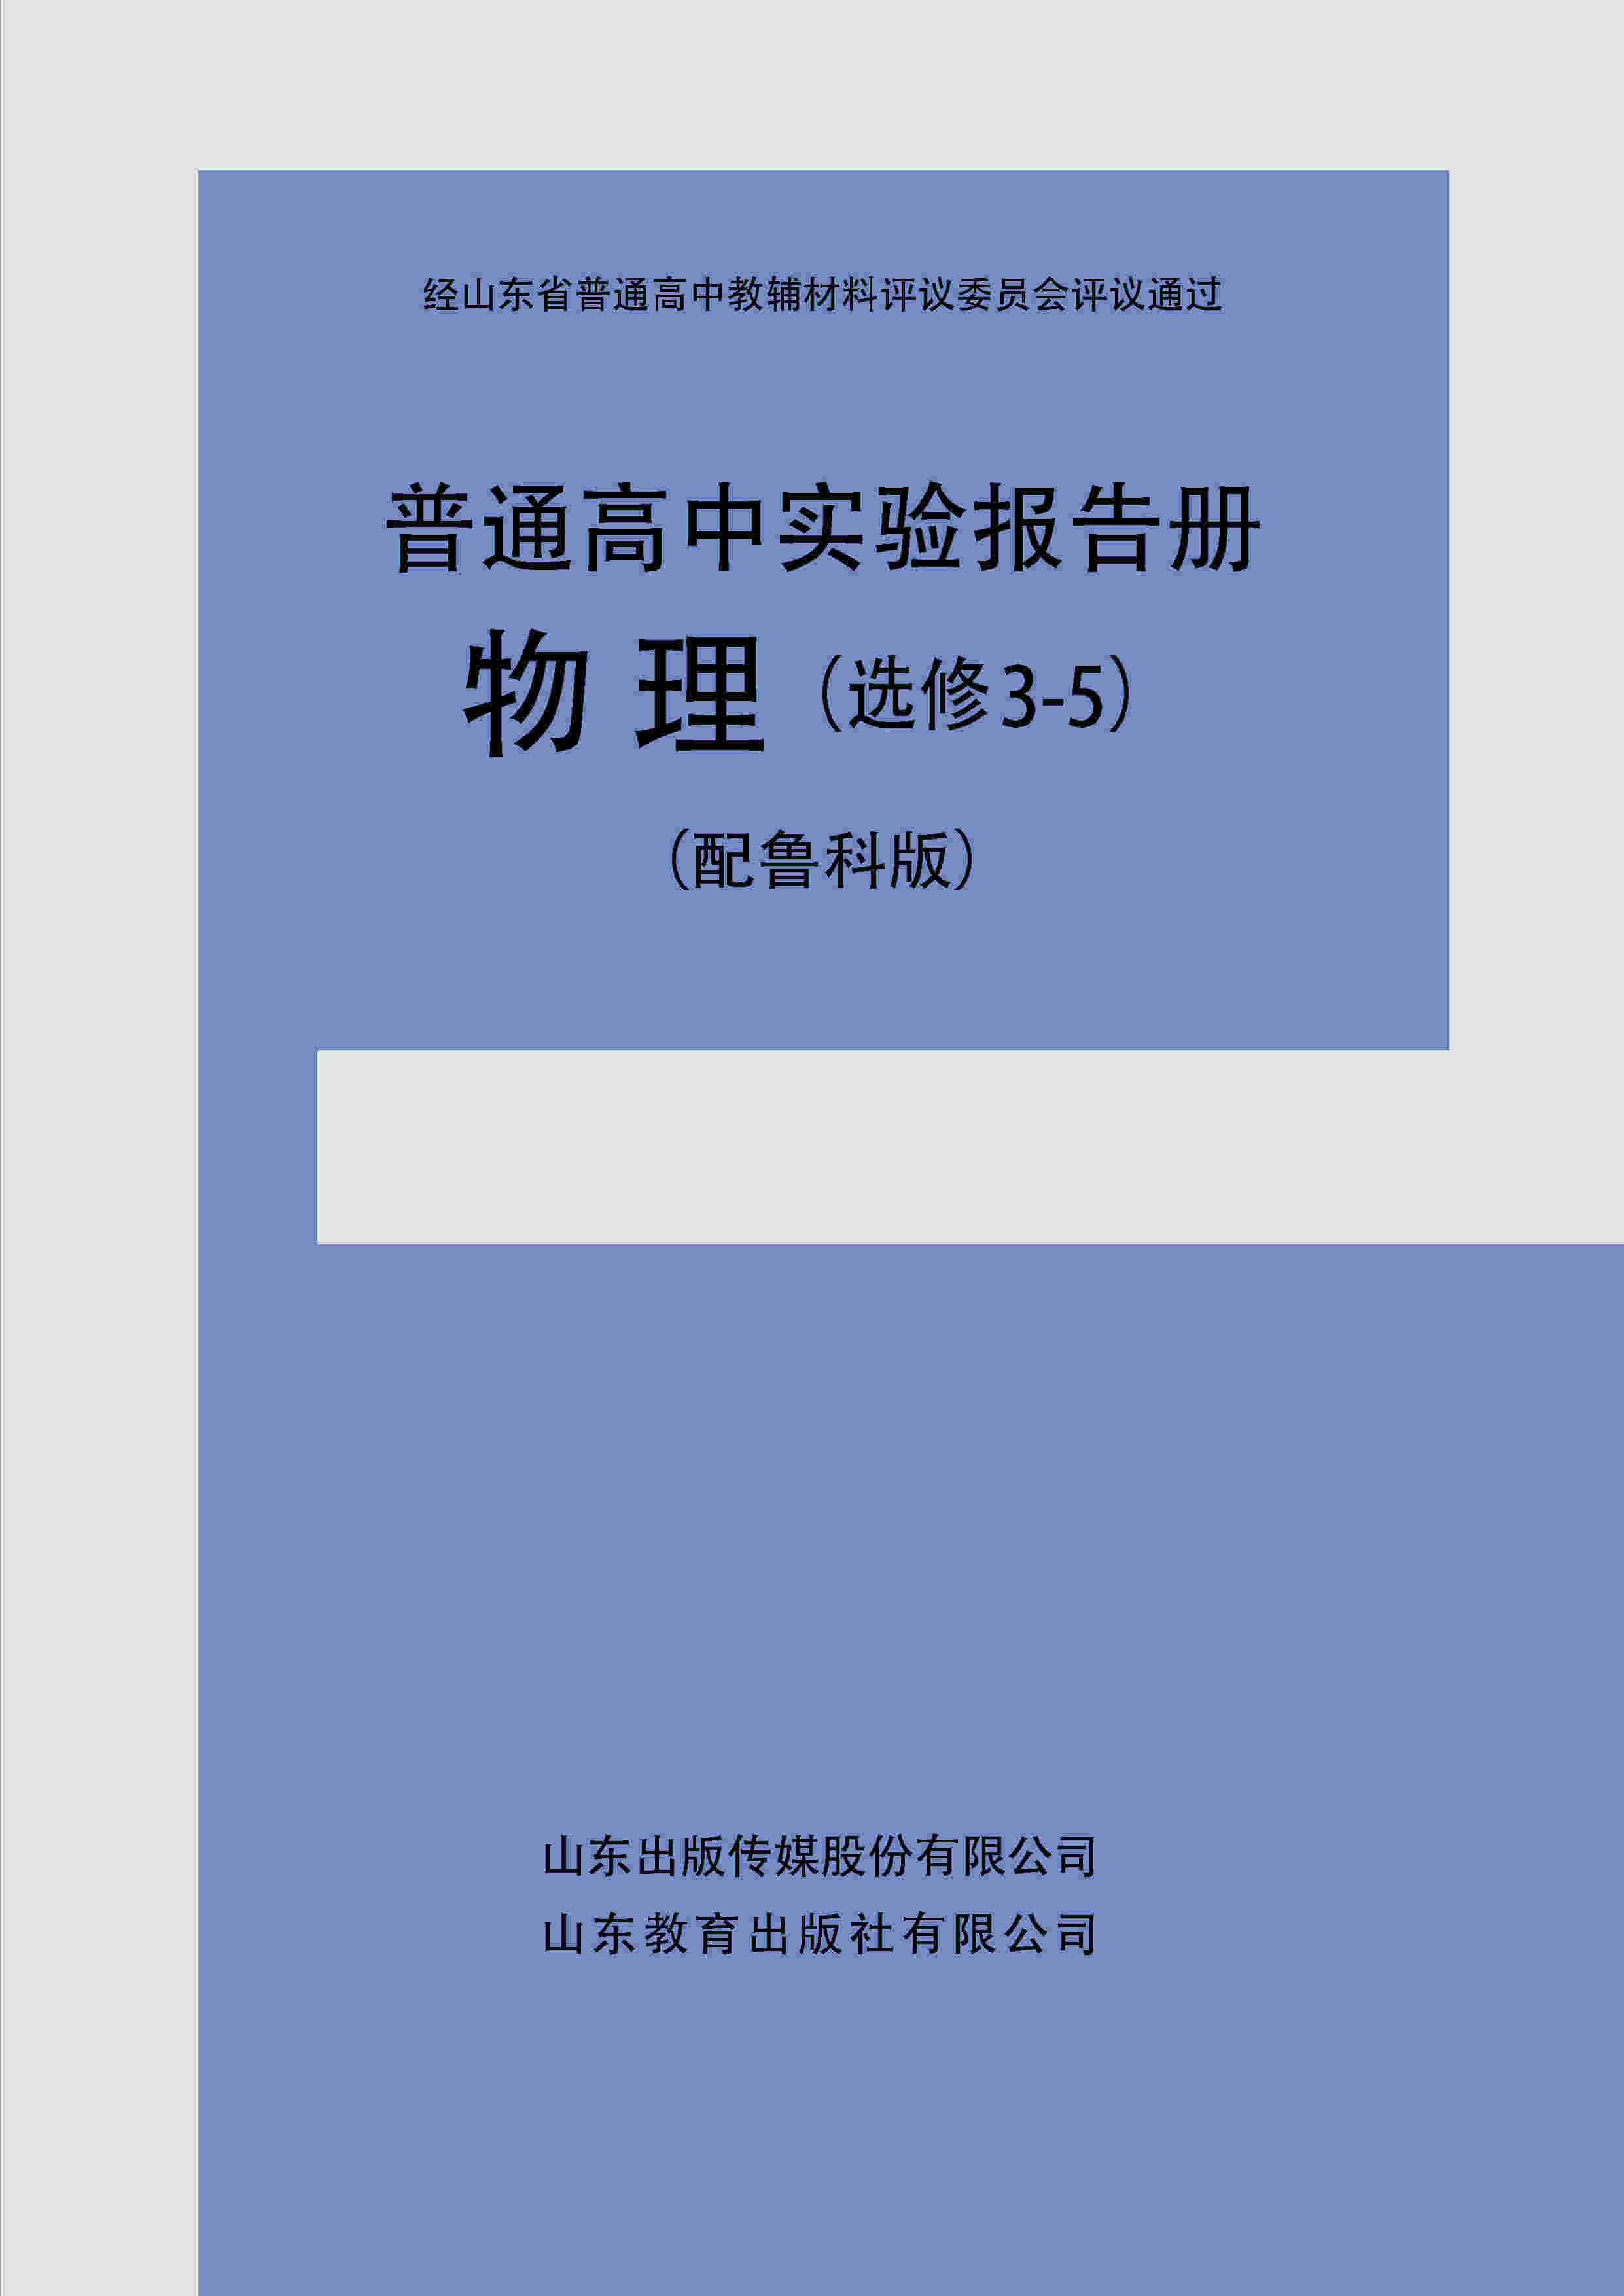 普通高中实验报告册 物理(选修3-5)(配鲁科版)